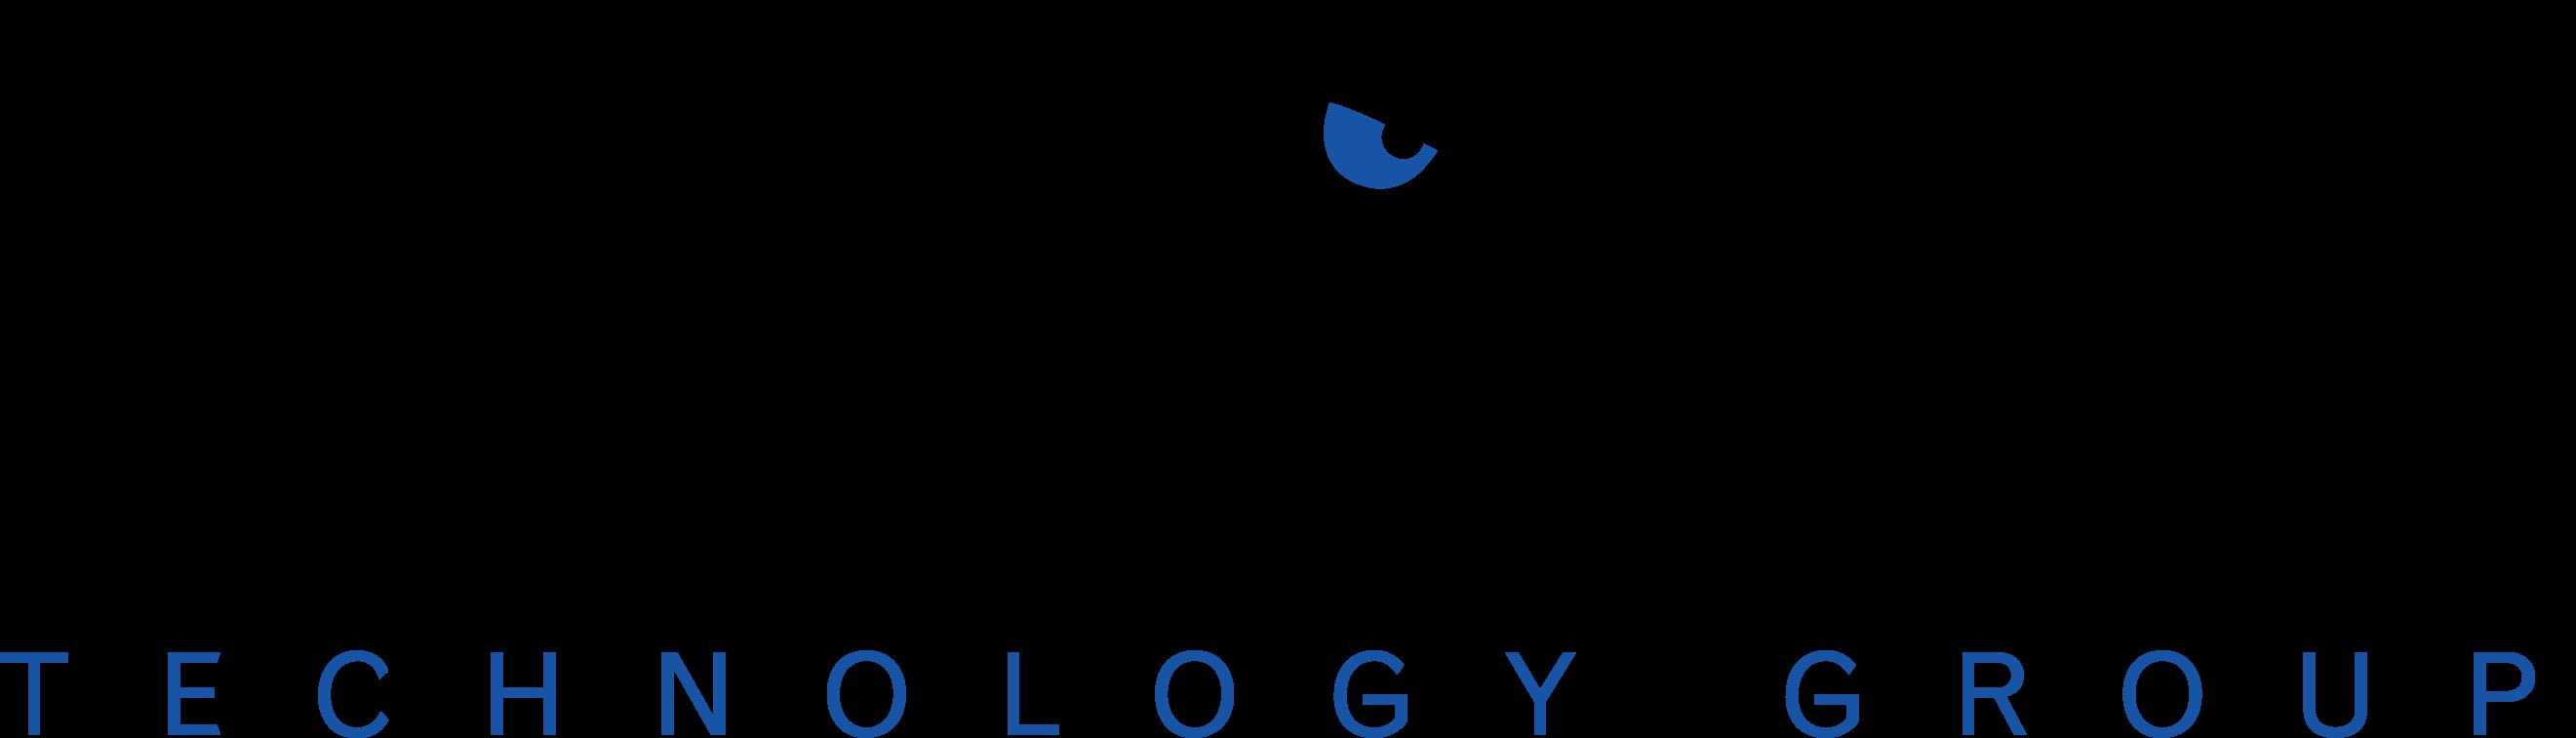 Ravenswood_Technology_Group-Logo